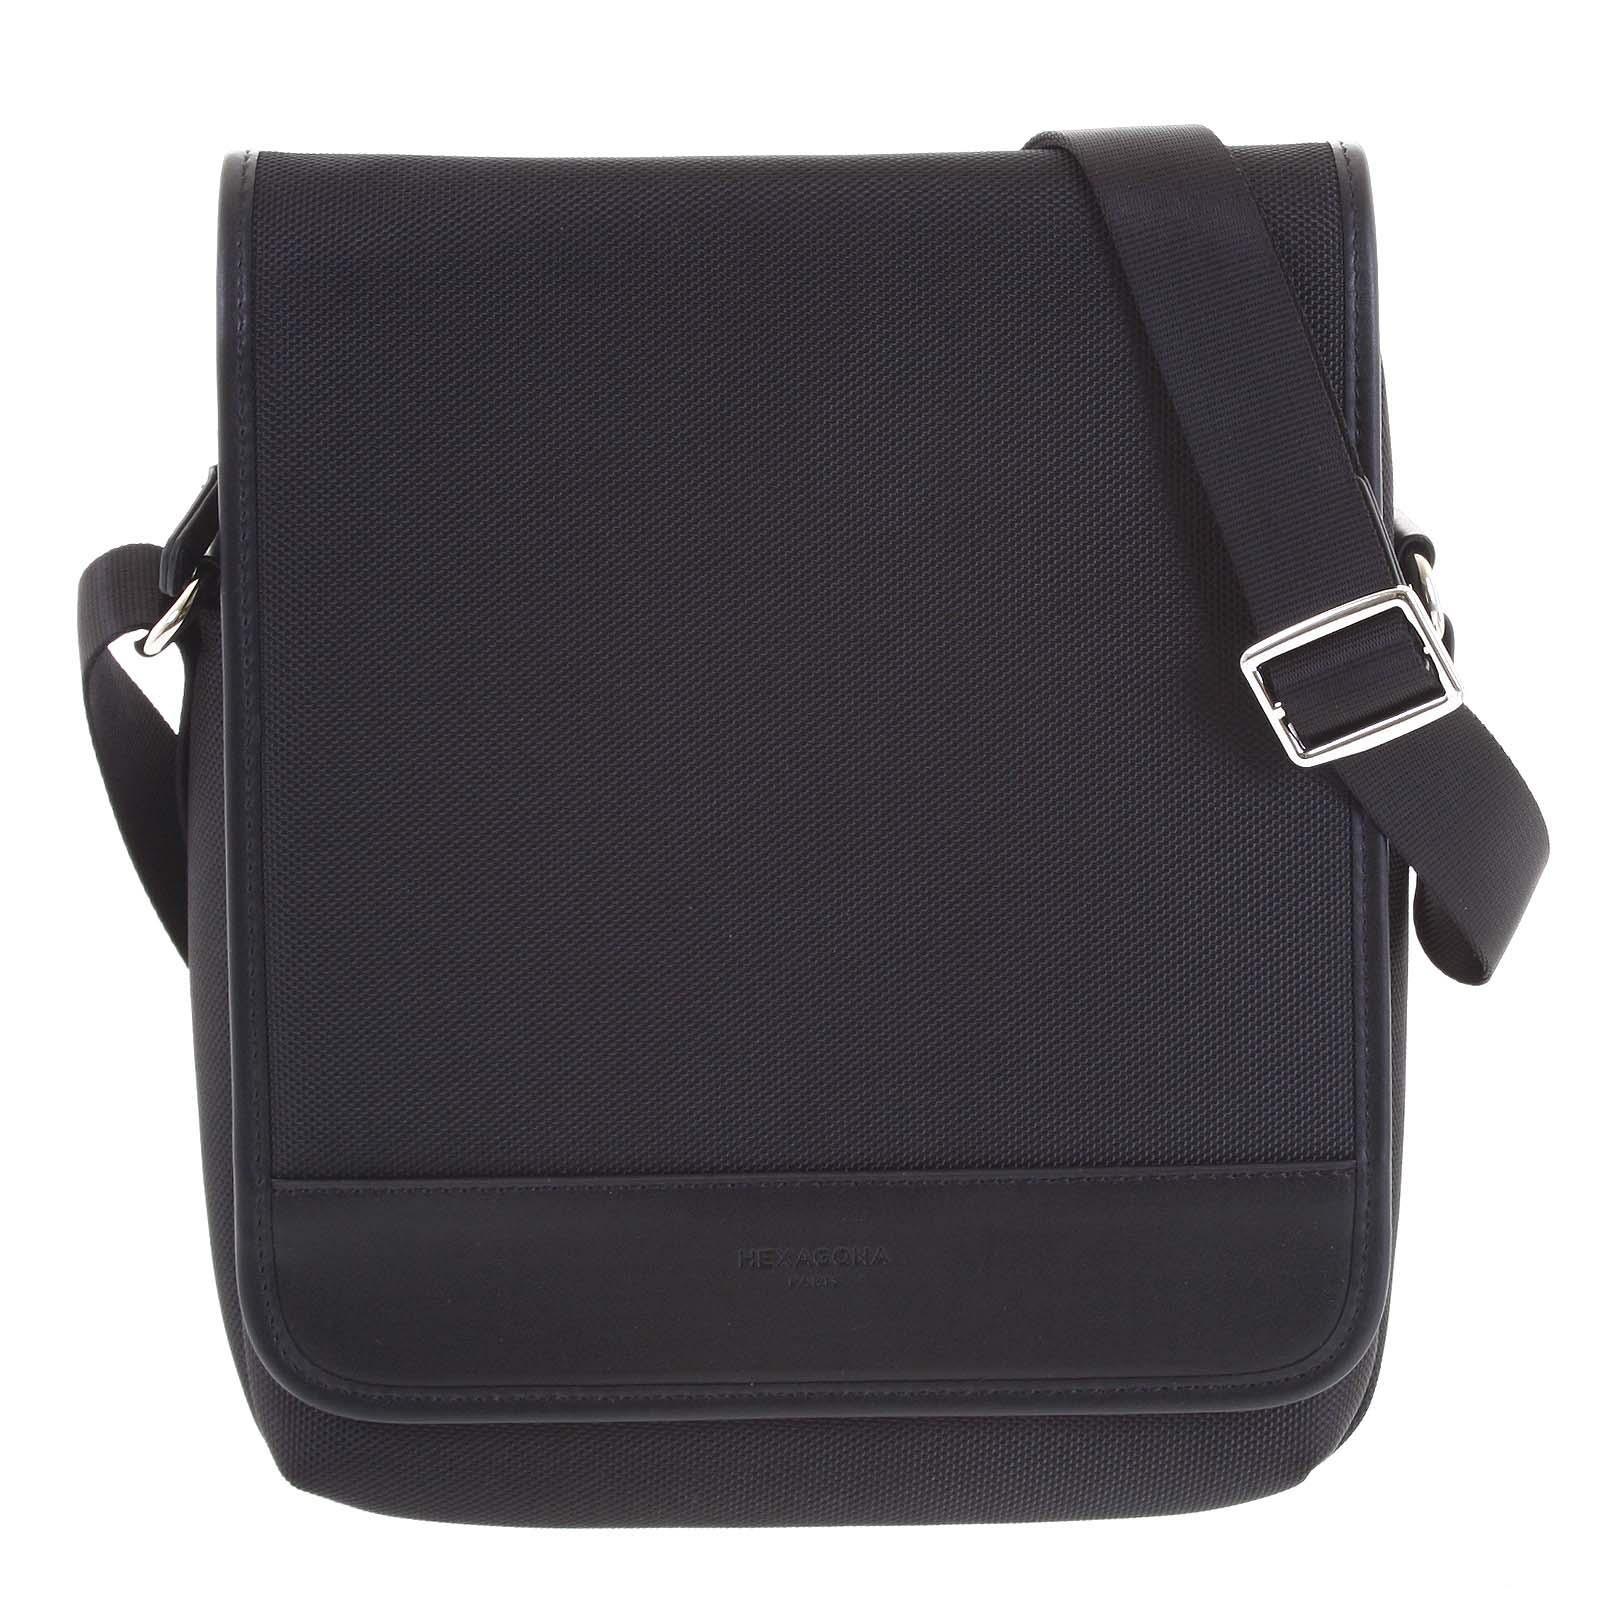 Pánská taška na doklady černá - Hexagona Qualty